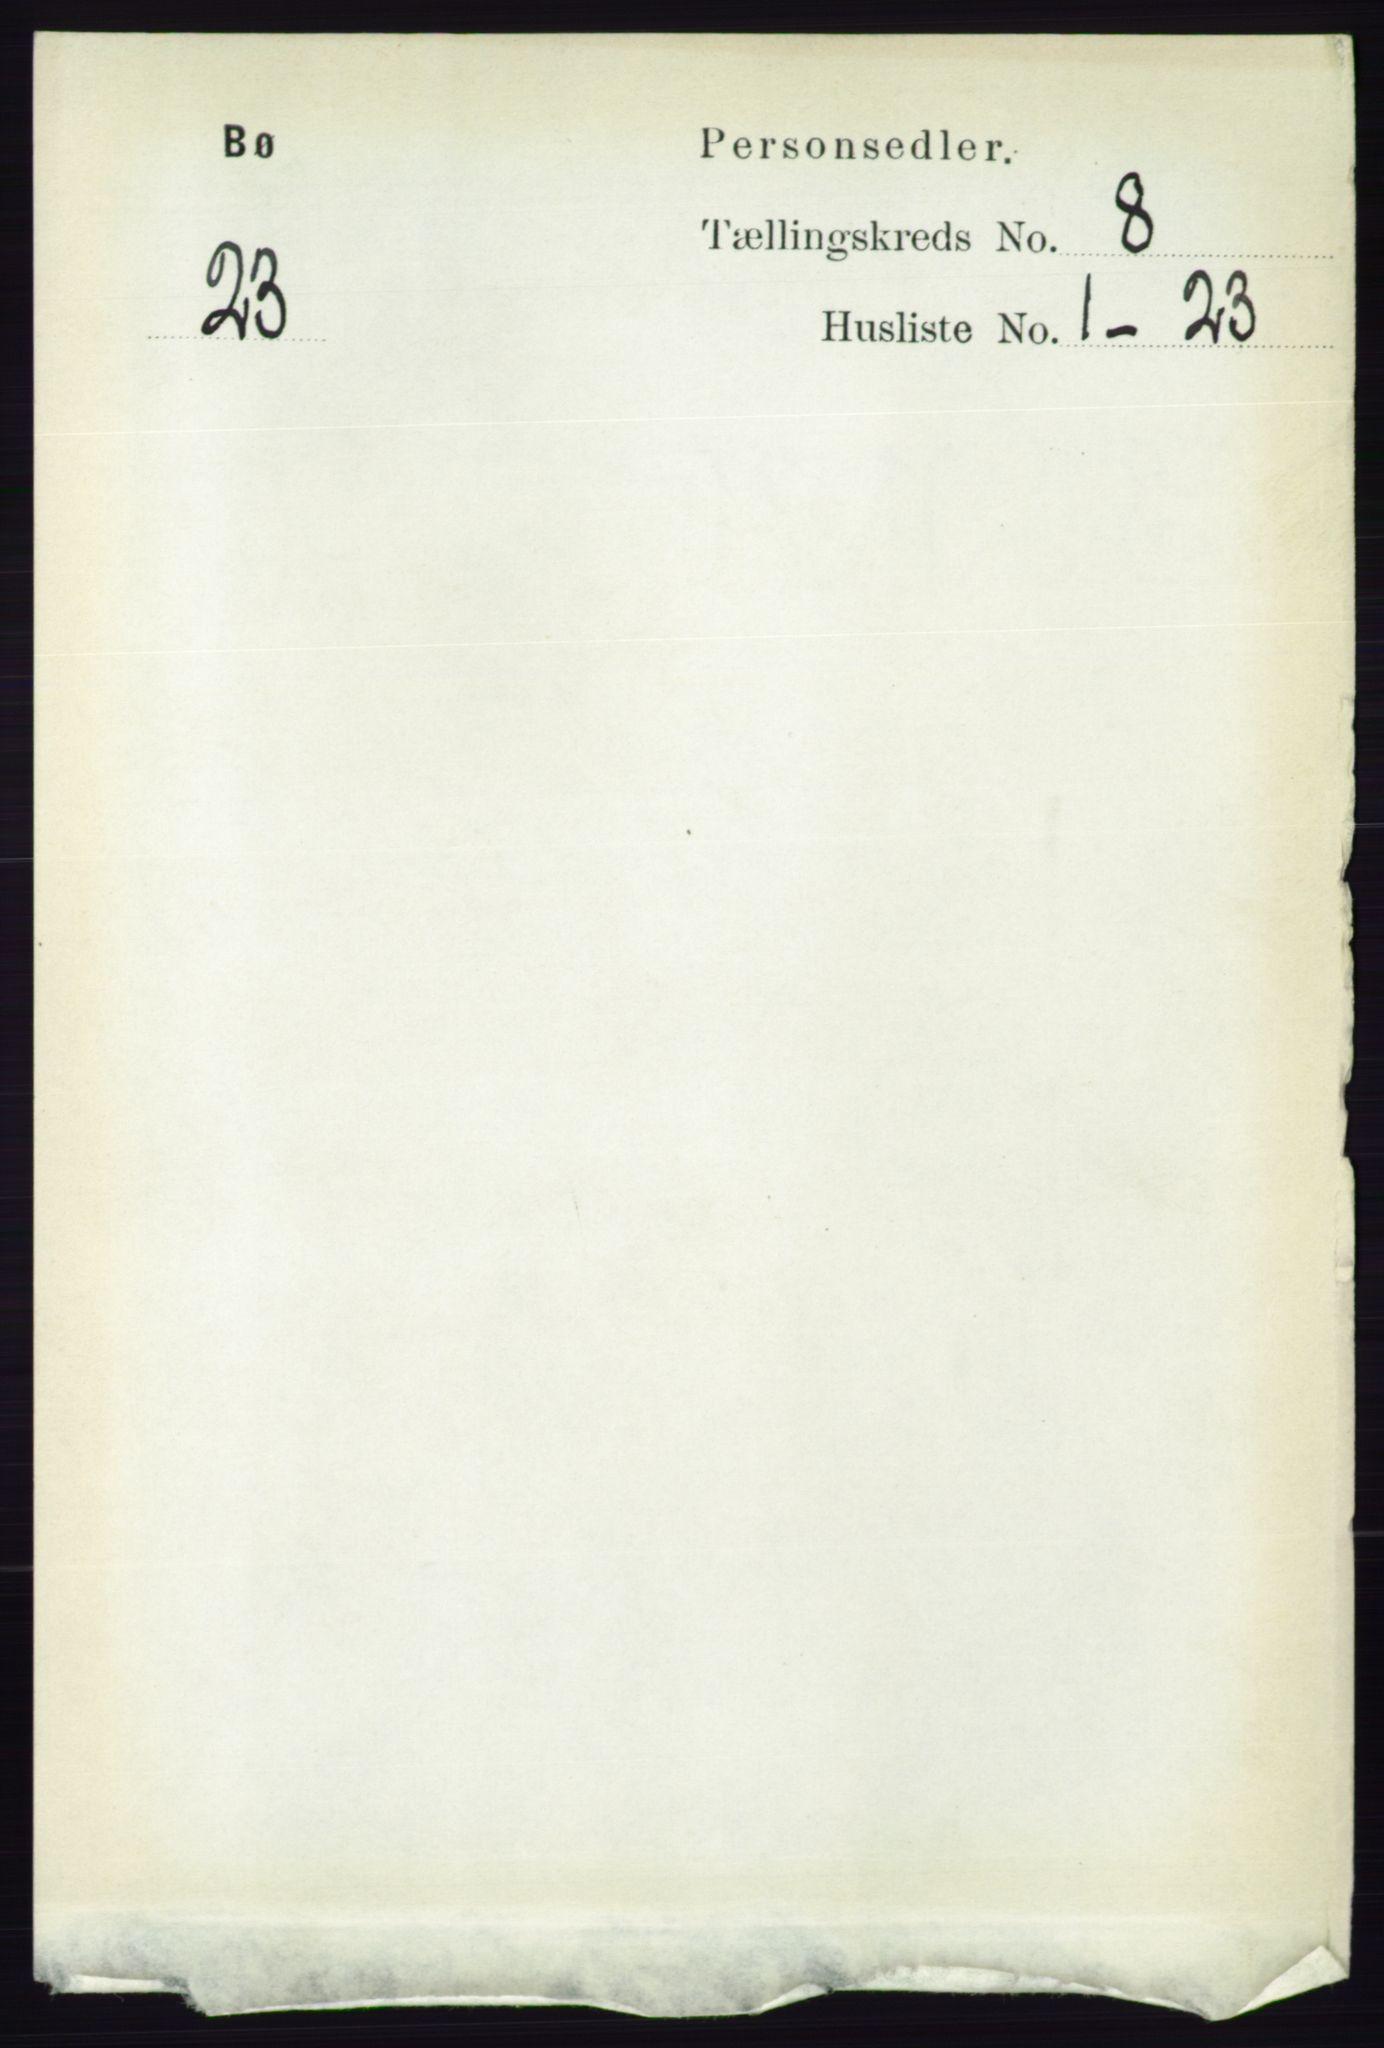 RA, Folketelling 1891 for 0821 Bø herred, 1891, s. 2558